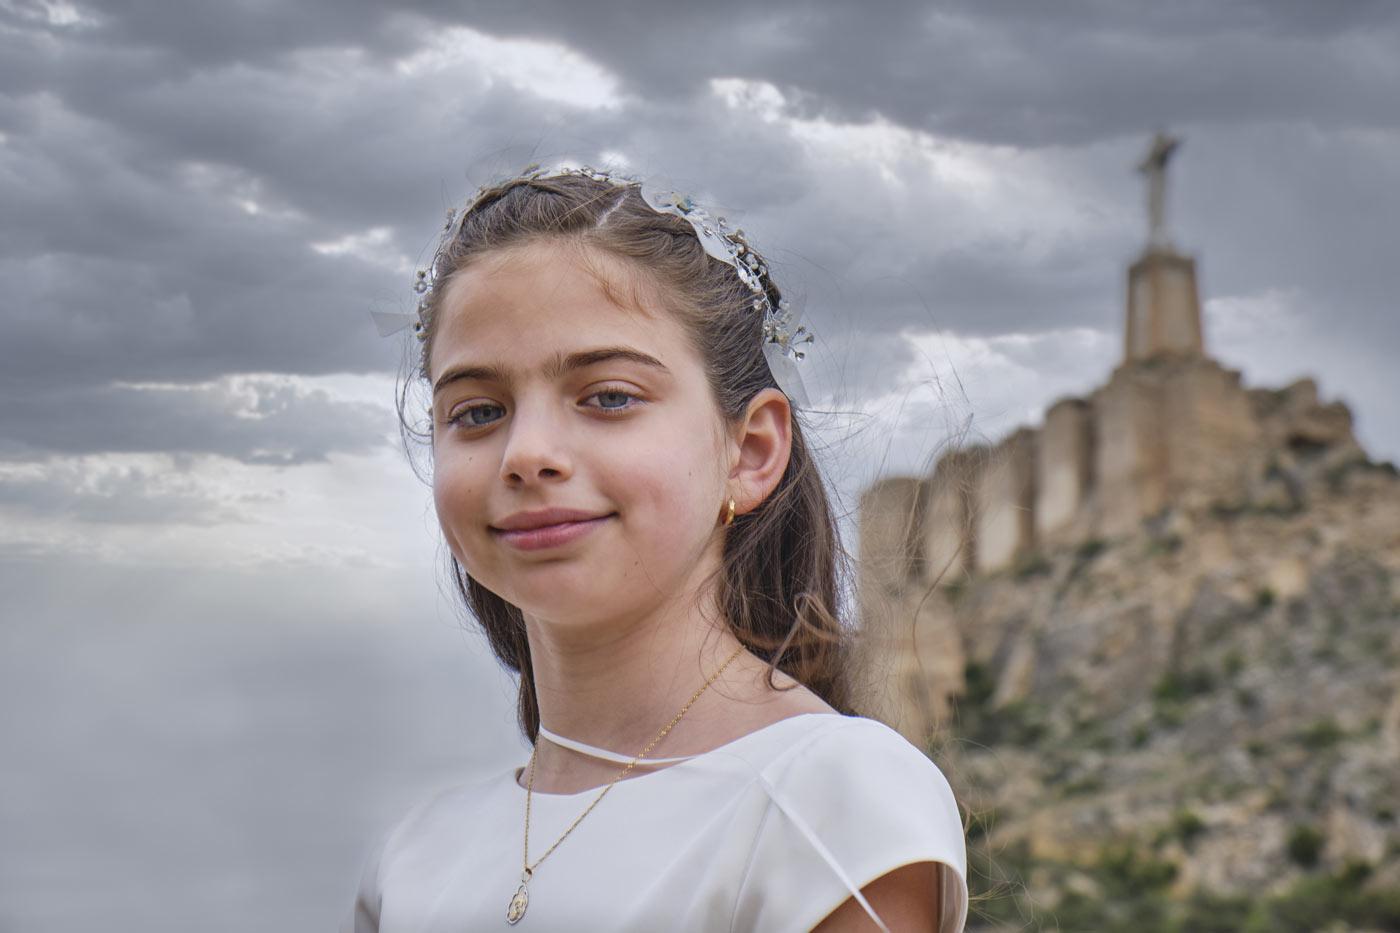 Foto de comunión de niña en exterior.